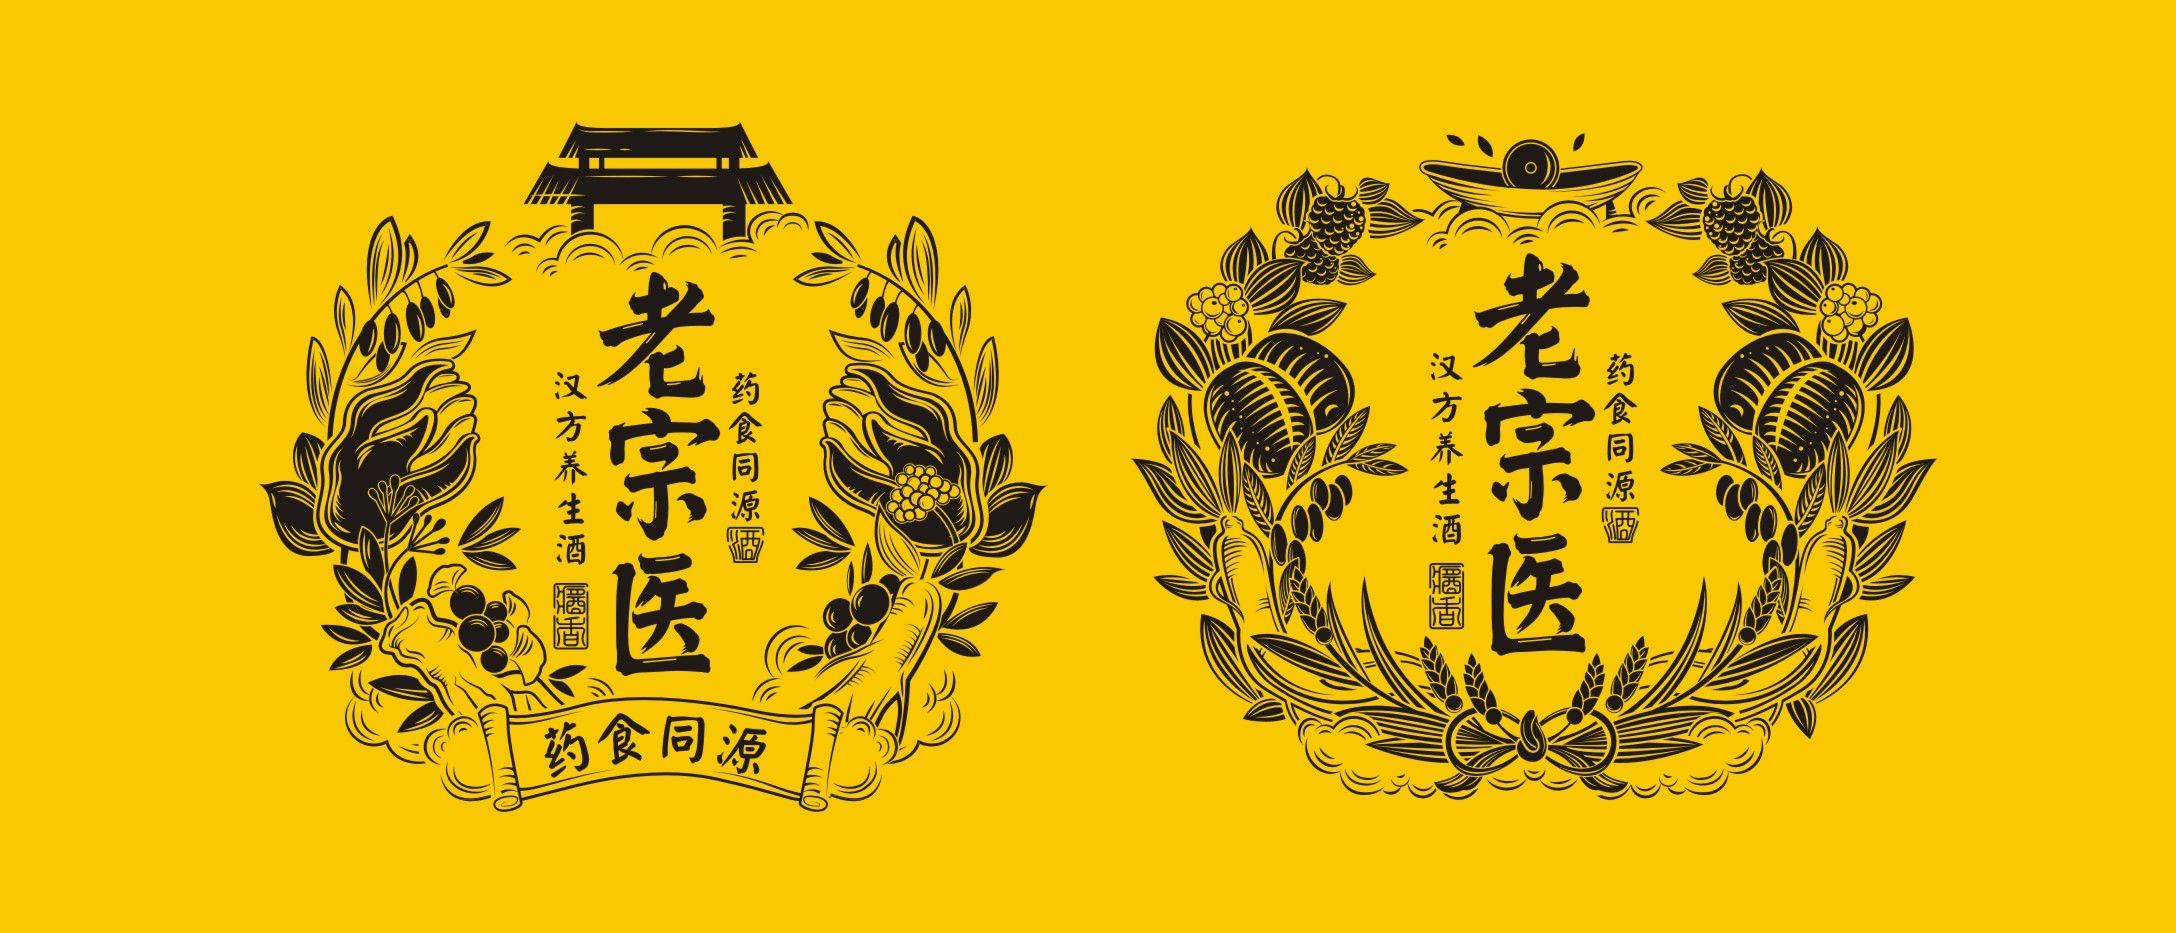 """从品牌名出发,用""""宗""""字之含意------综合,借力中国古代捣药罐捣药之"""